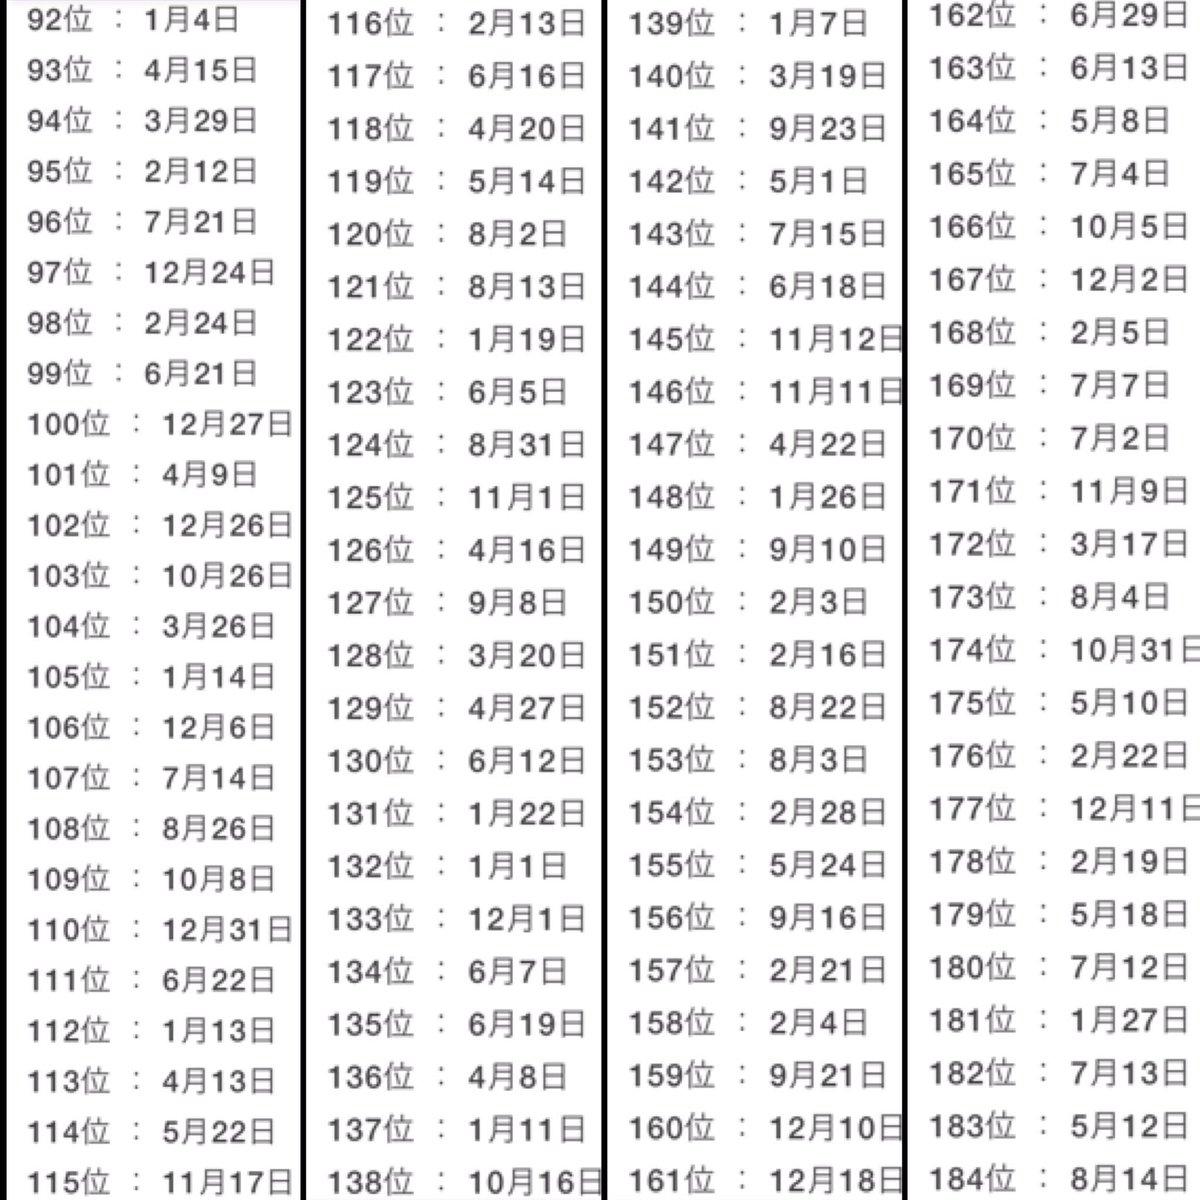 日 ランキング 2020 運勢 誕生 2021年運の良い誕生日ランキング!占いであなたは366日中あなたは何位?